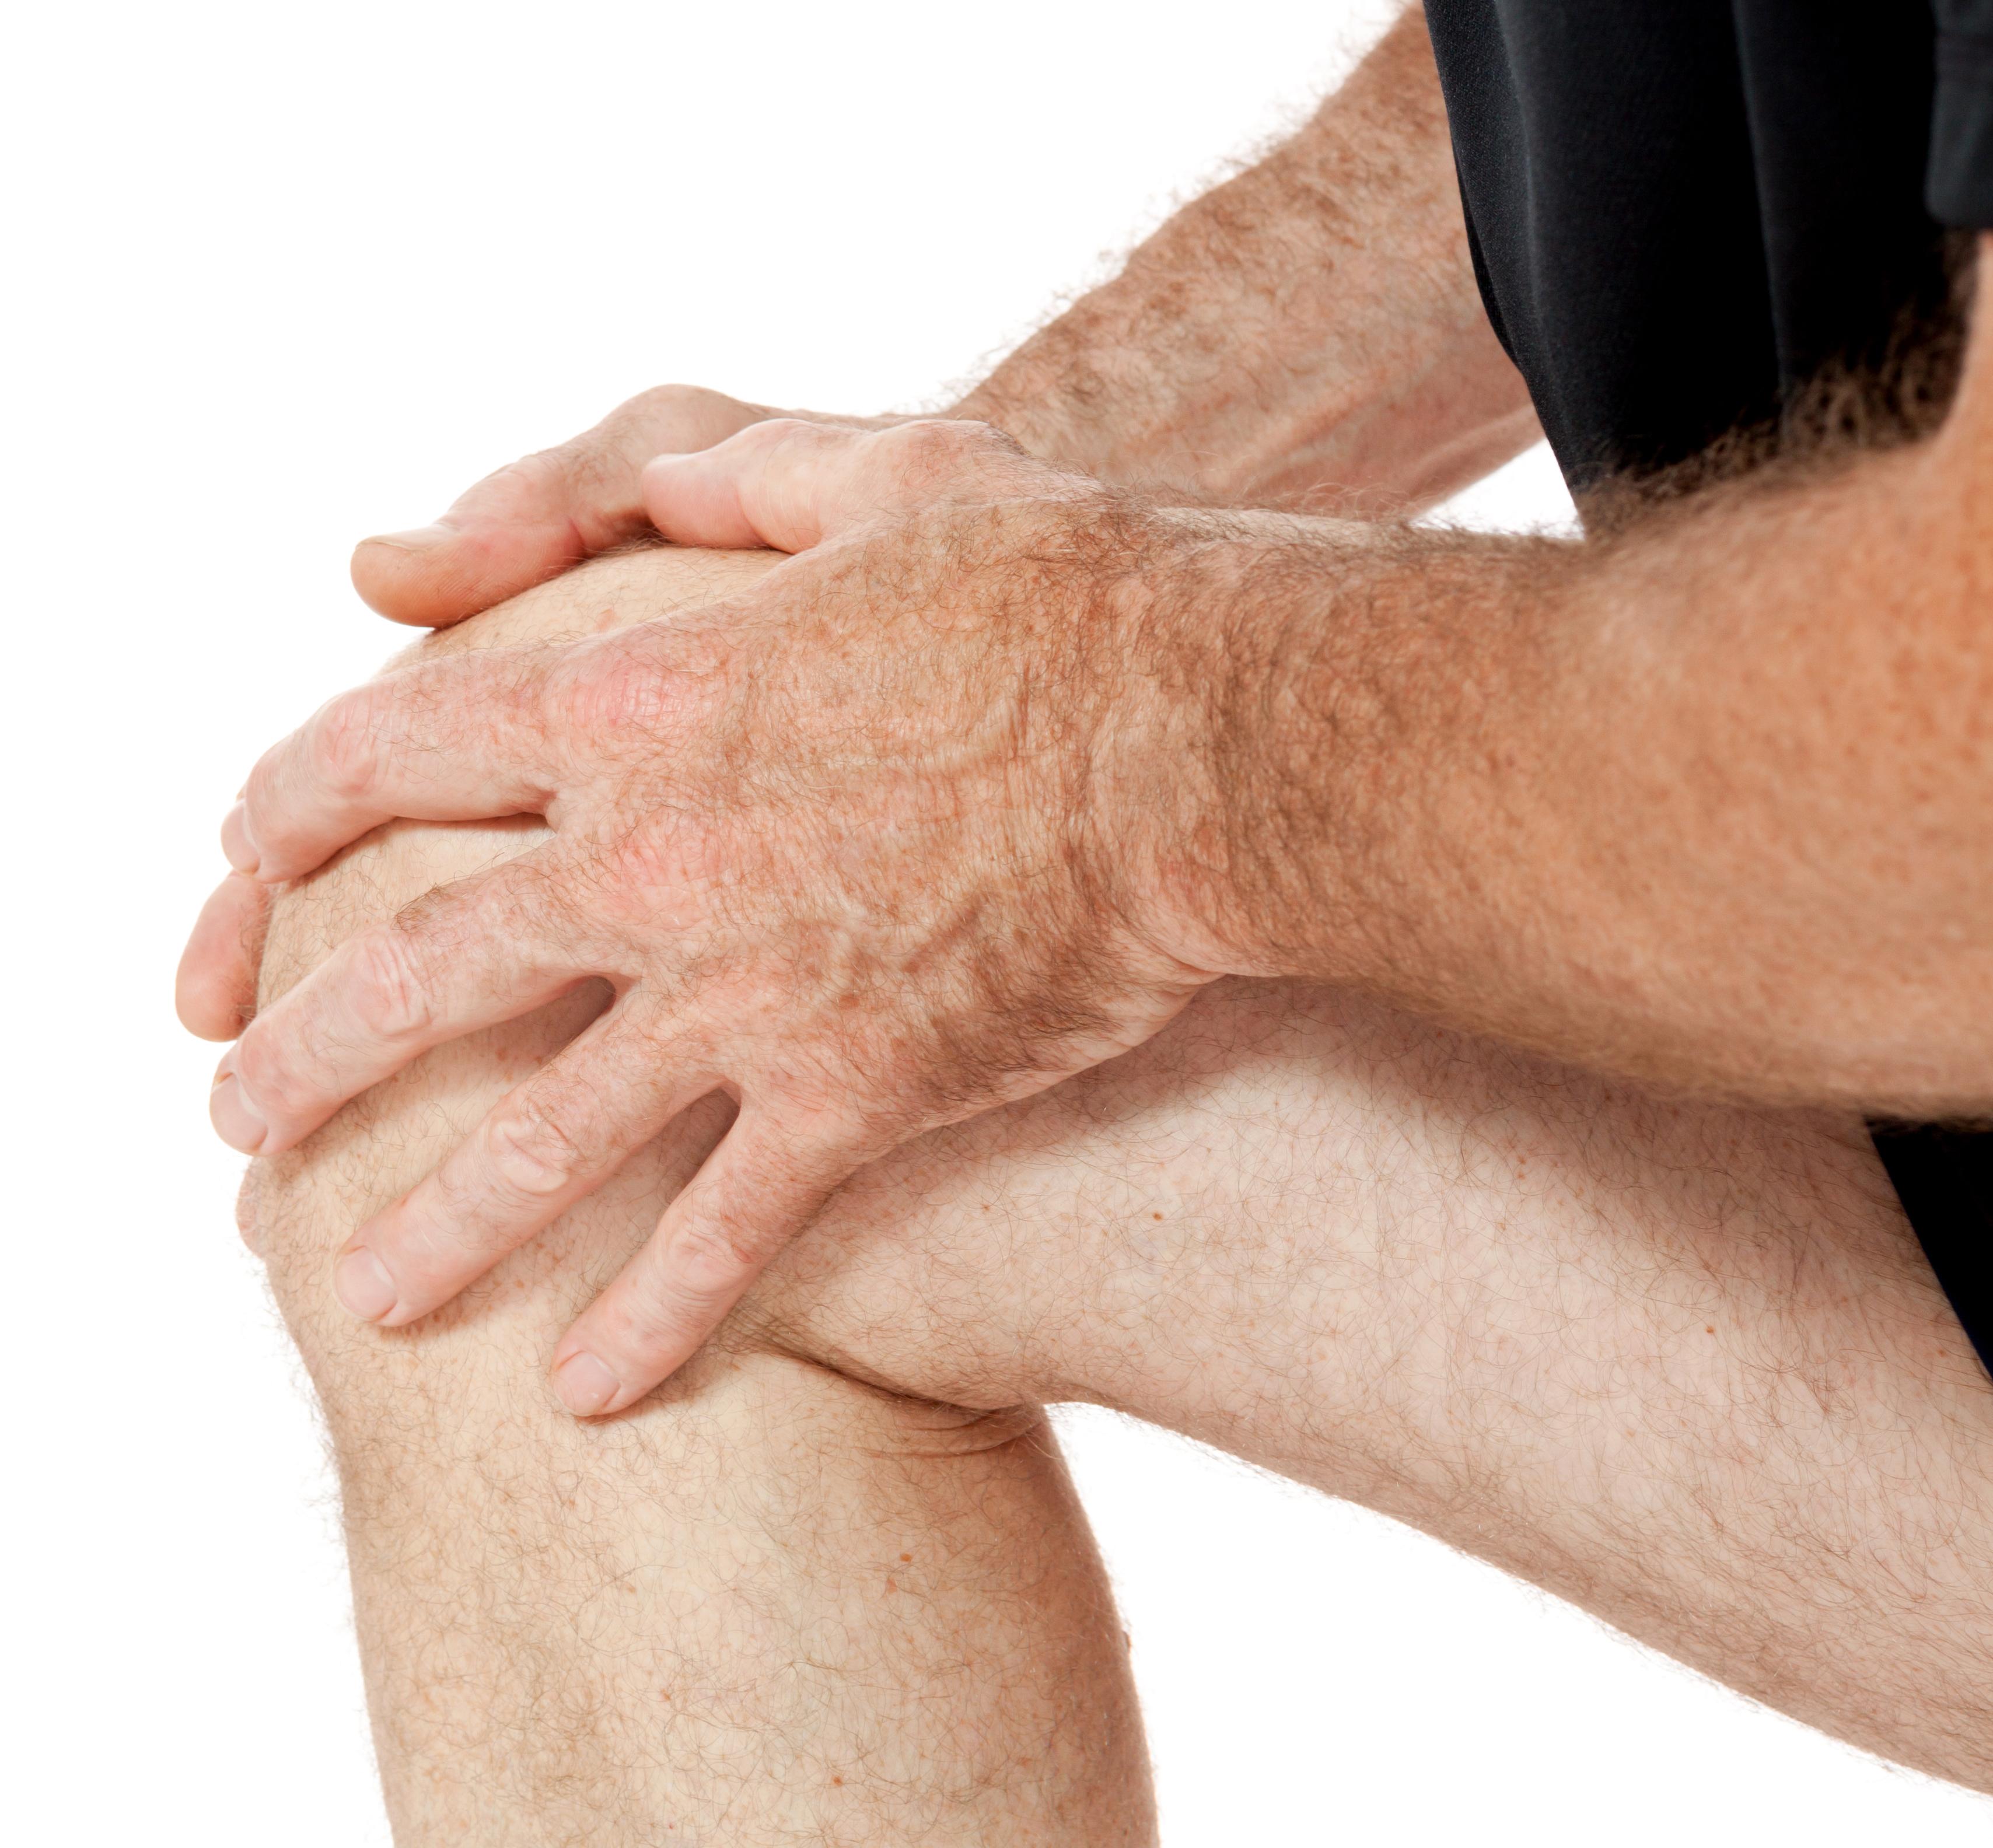 Térdfájdalom: Hogyan előzheti meg a gyakori panaszt?